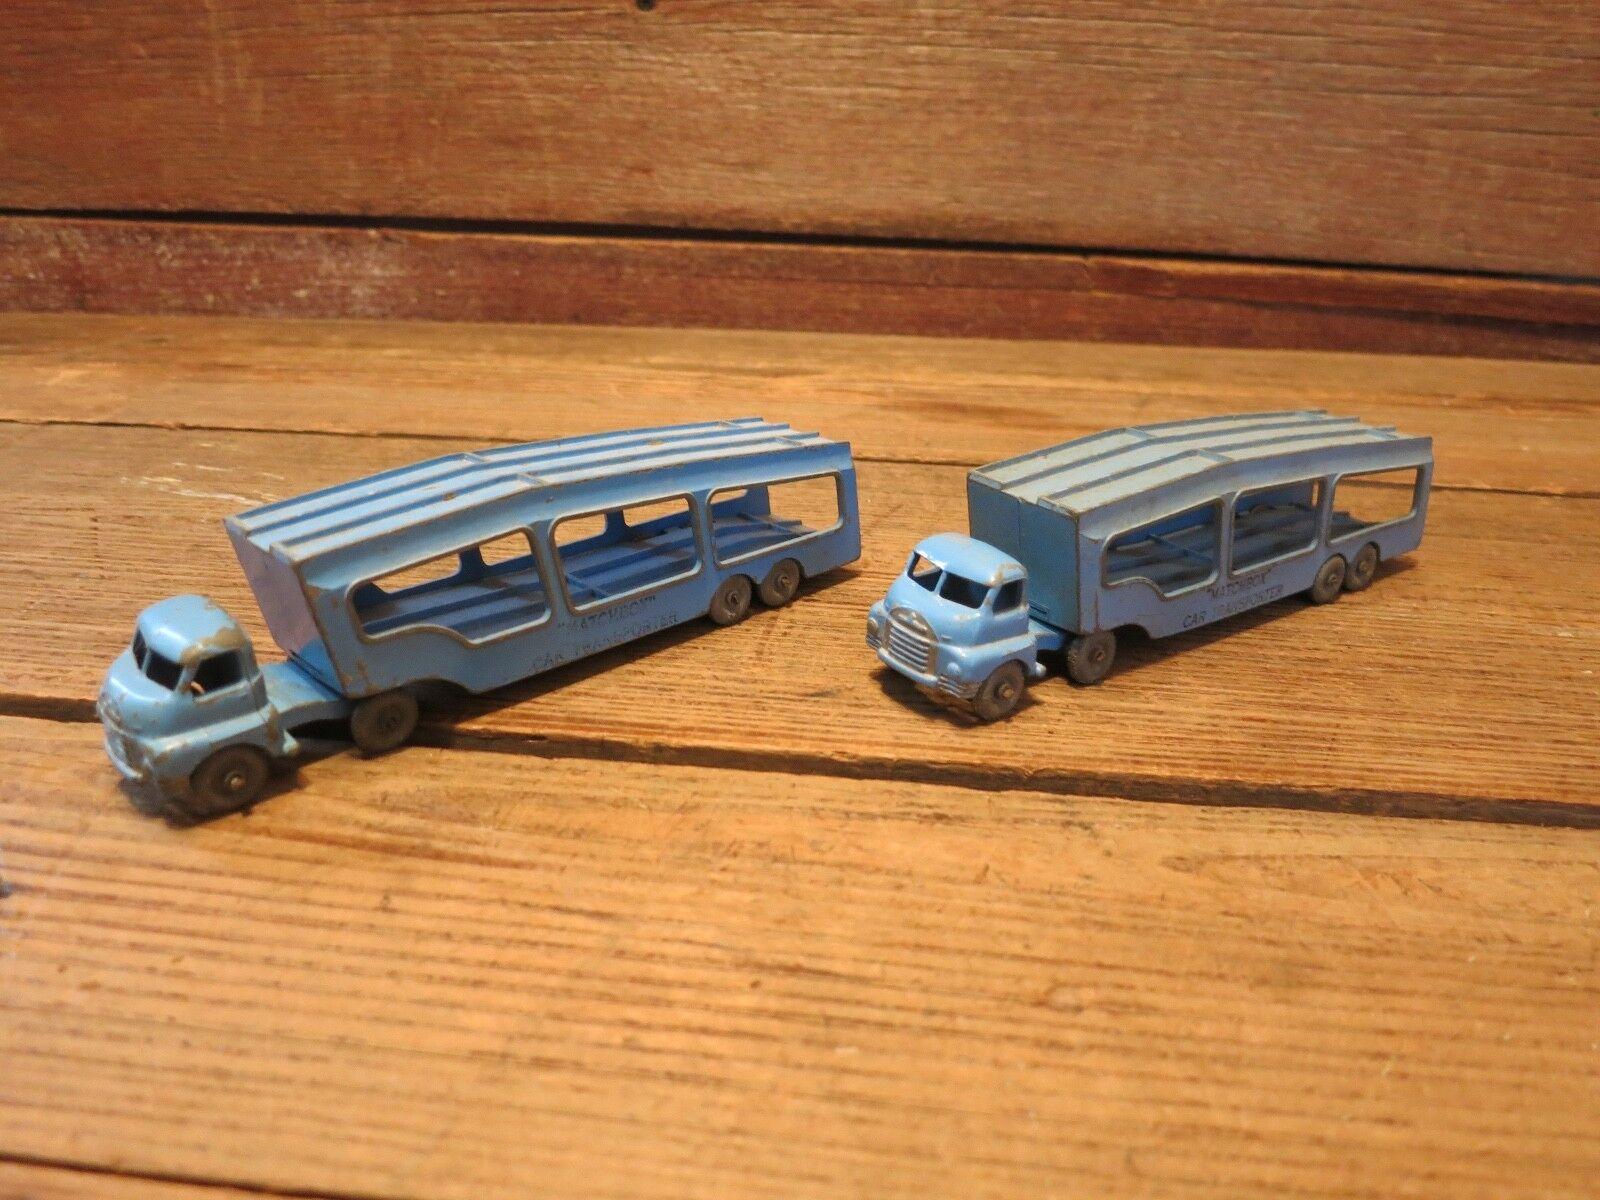 Jahrgang lesney matchbox auto - - - transporter 2 1644b5